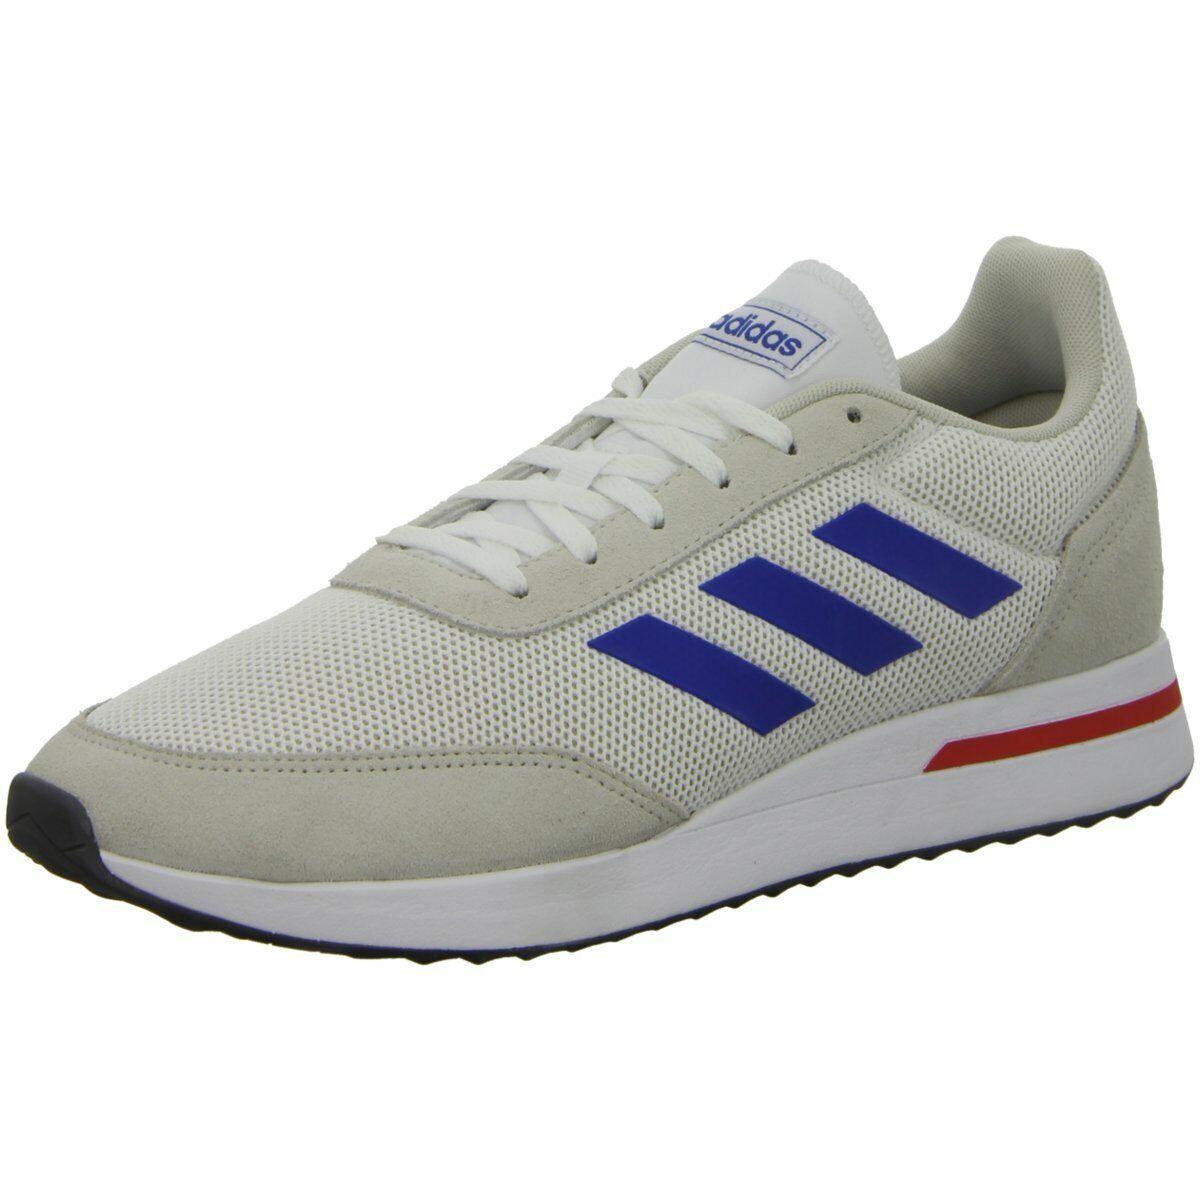 Adidas Herren Turnschuhe Run70S EE9748 weiß 581644